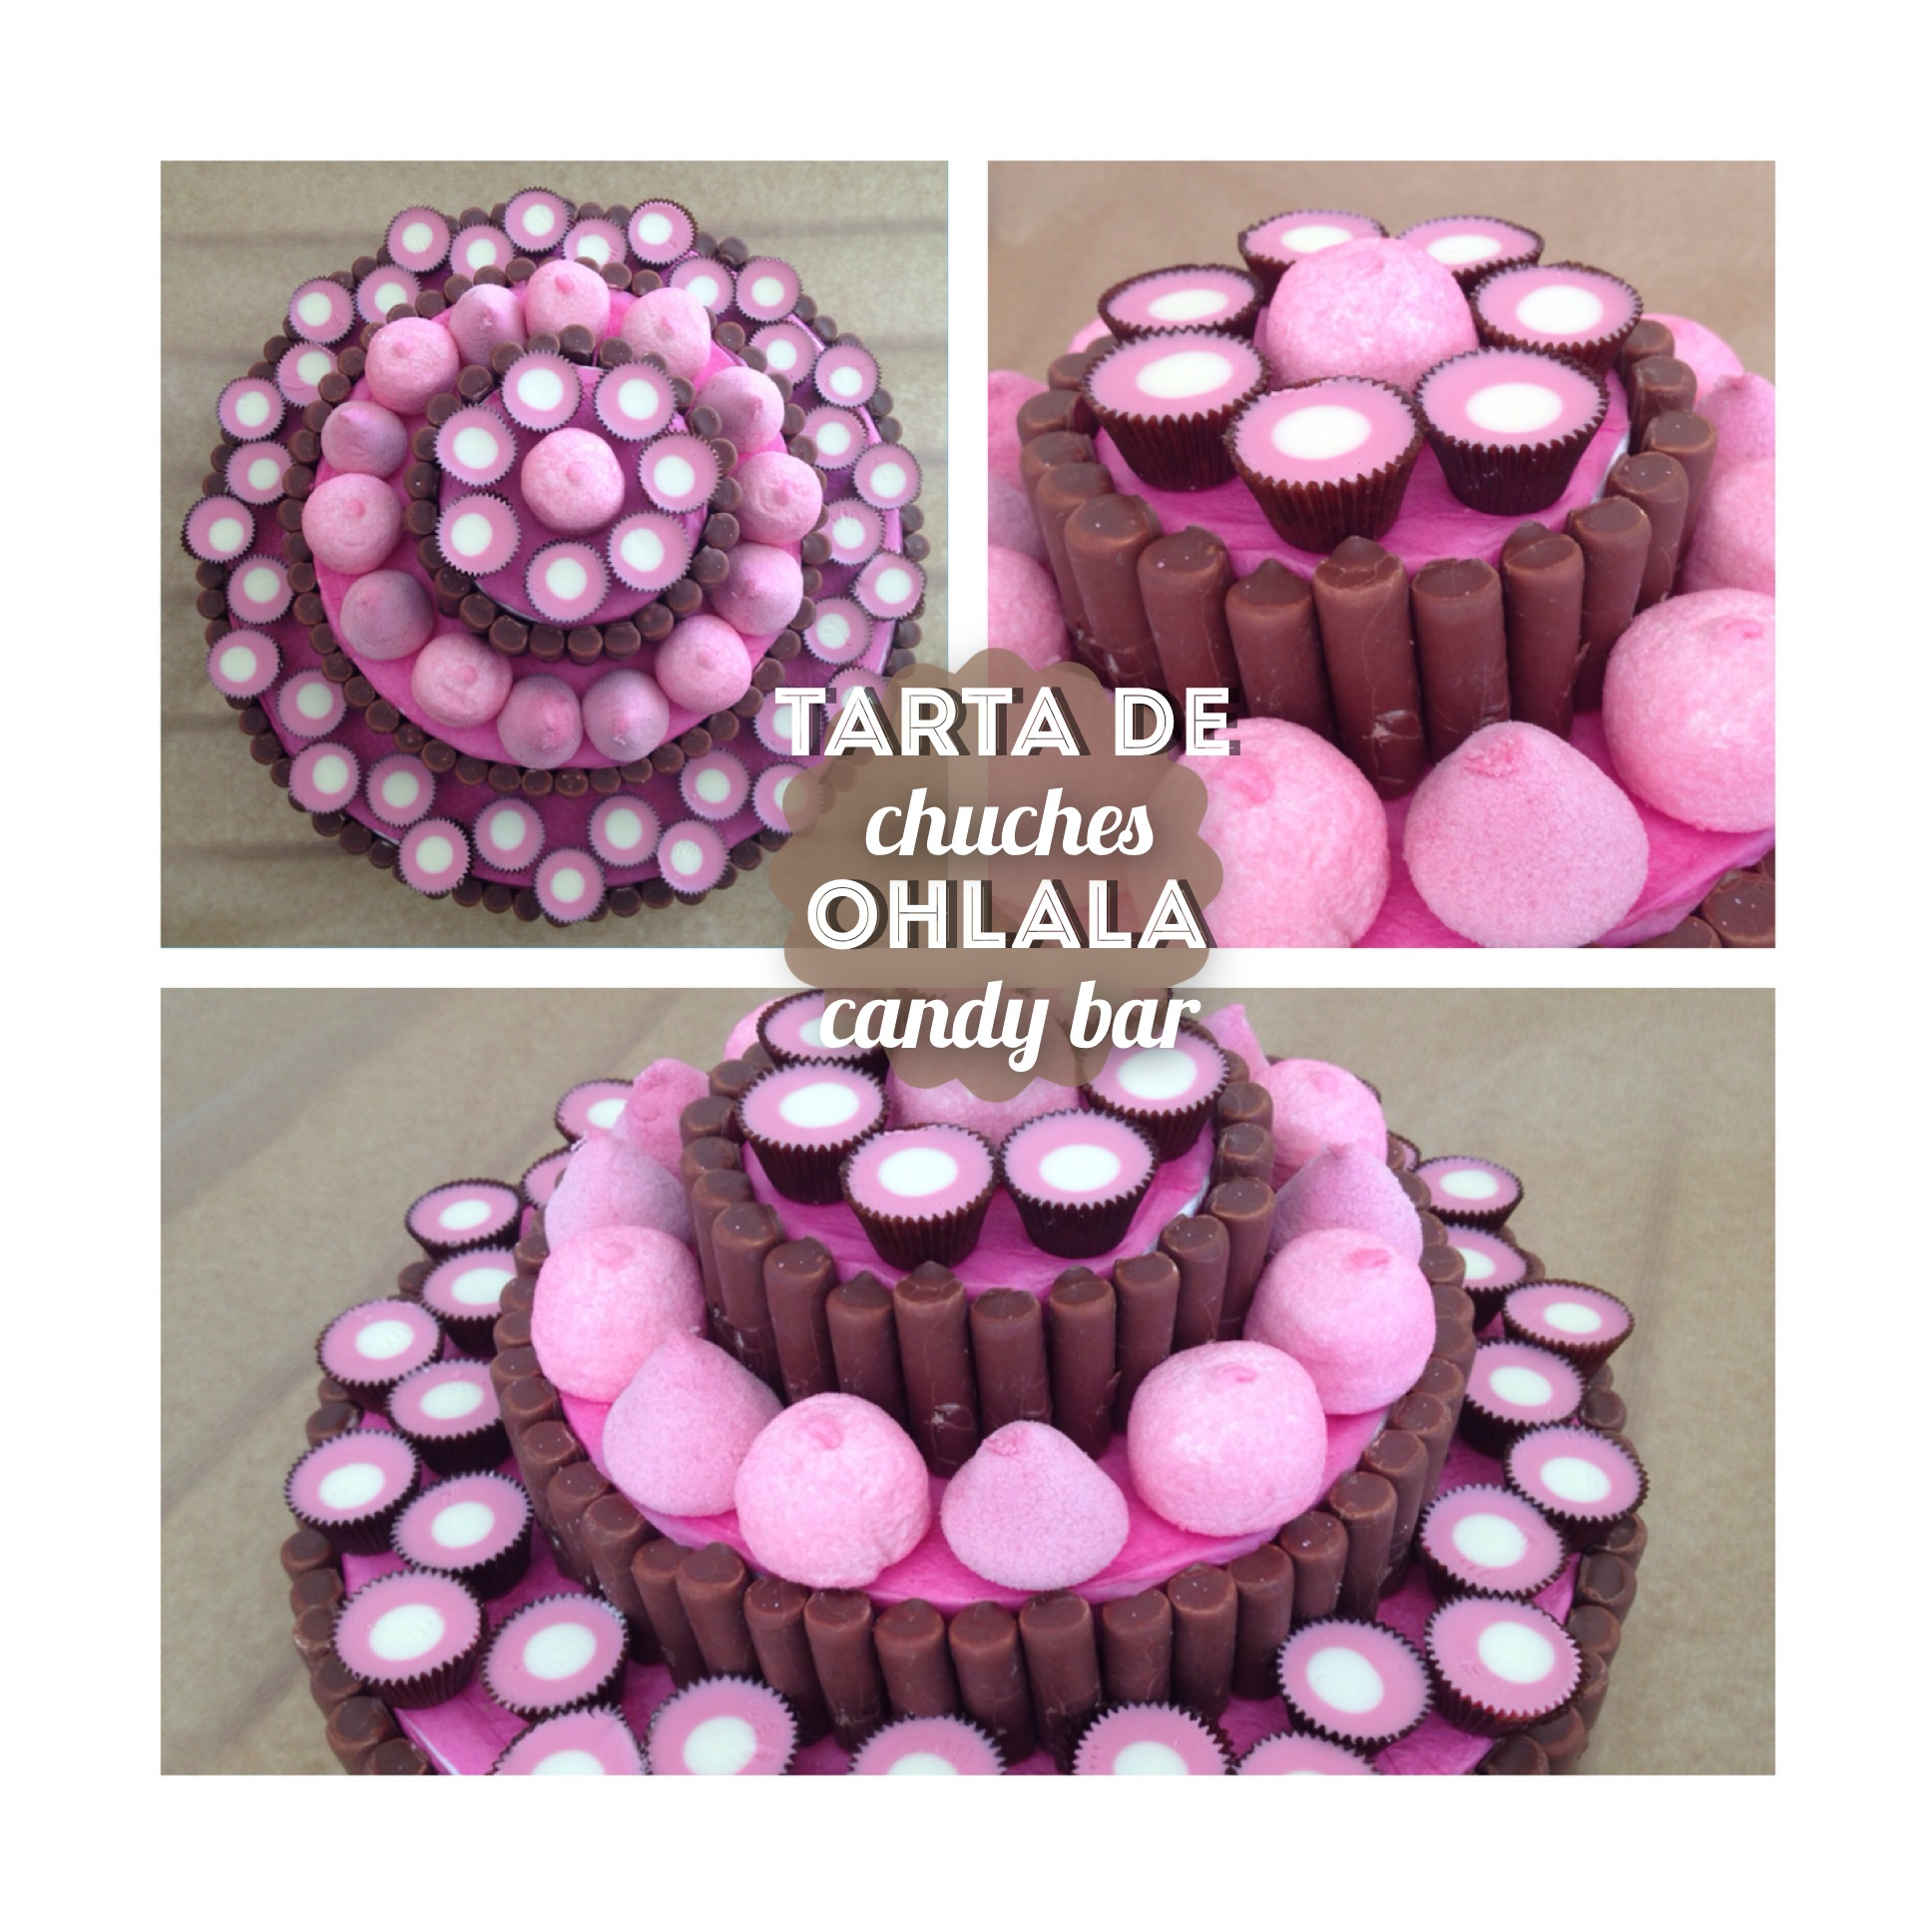 tarta-de-chuches-ohlala-candy-bar